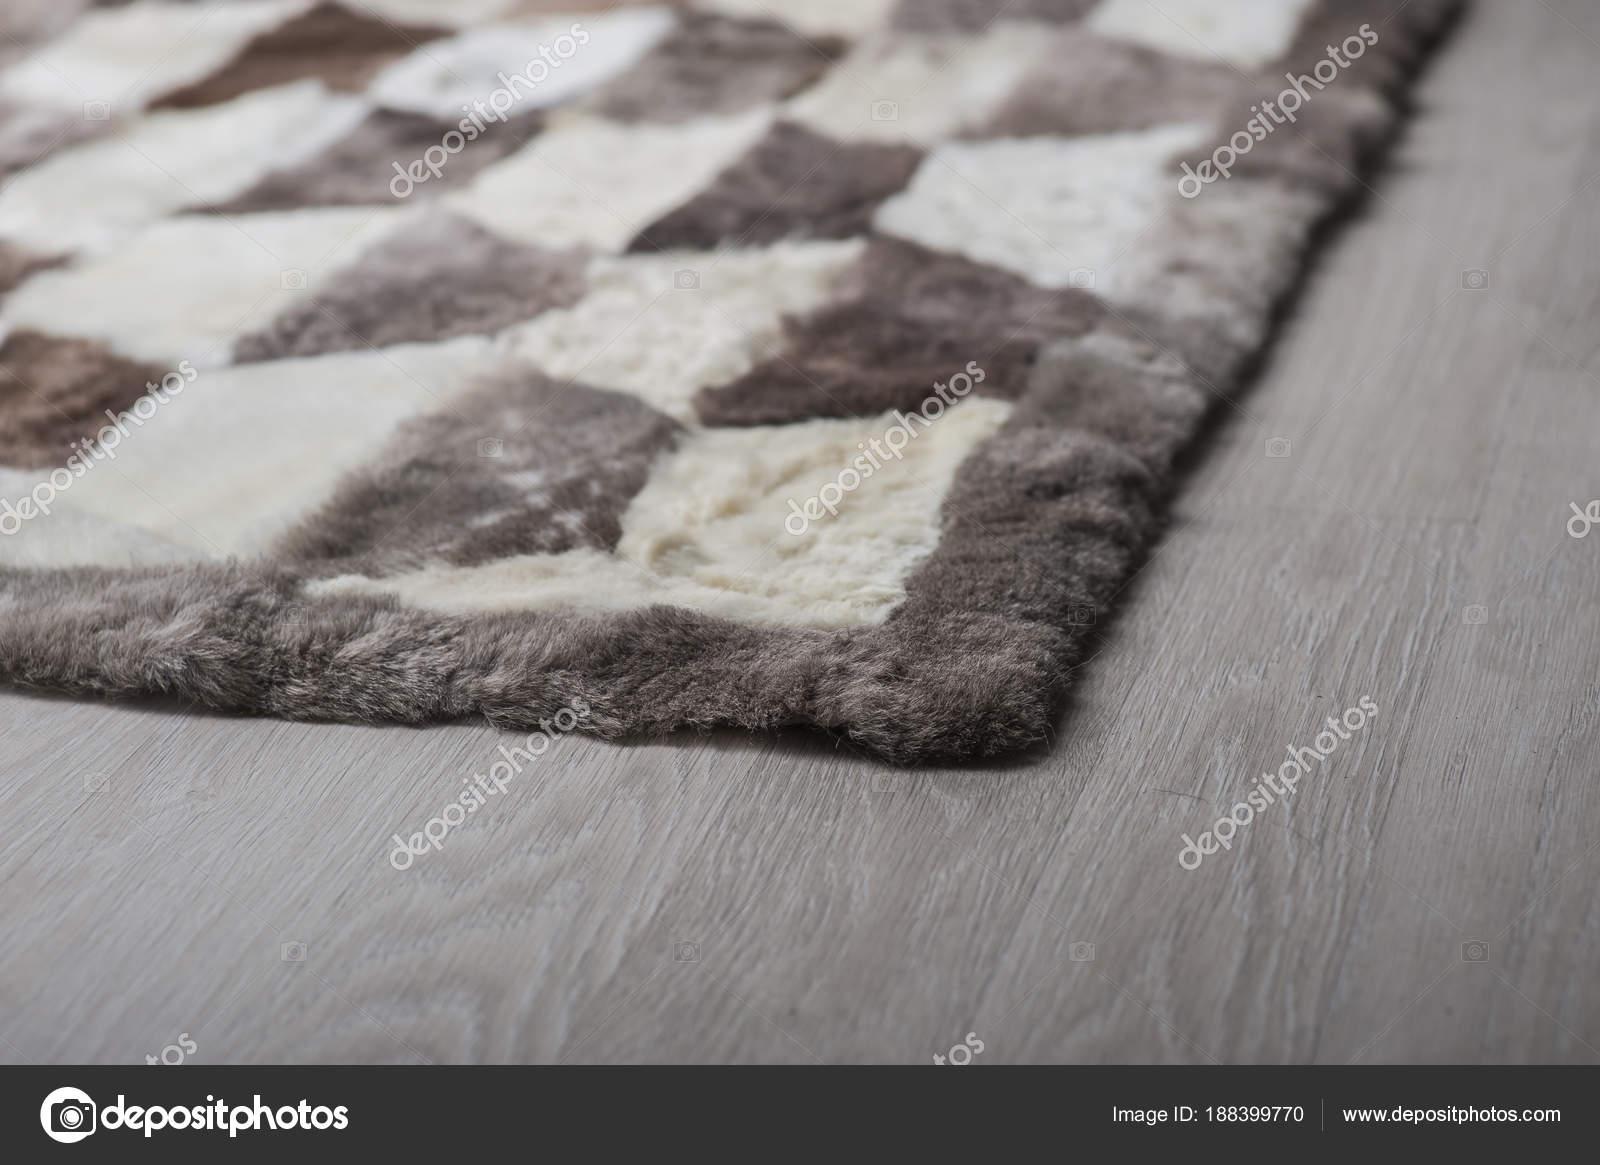 Tapijt Natuurlijk Materiaal : Natuurlijke tapijten gemaakt van wol op isolatie u2014 stockfoto